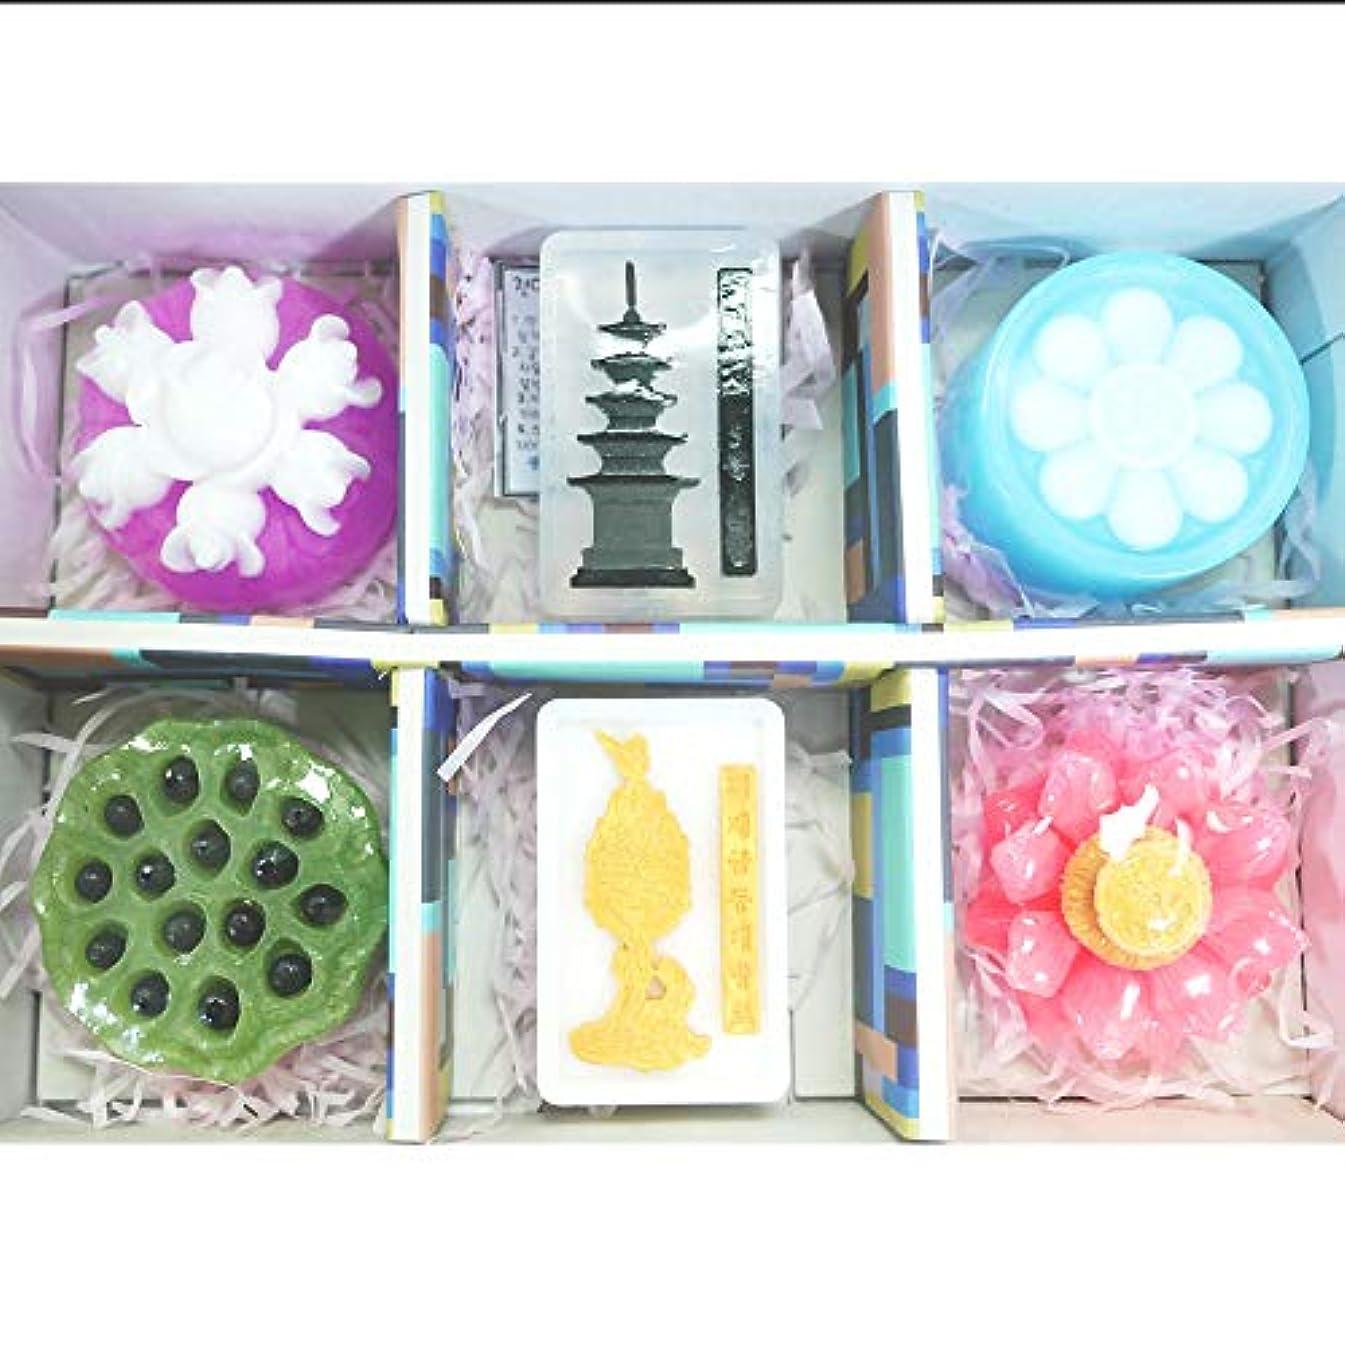 弾力性のあるパドル加入[ソドン] 韓国 百済 手漉き石鹸 1 セット(3.5オンスx 6石鹸)